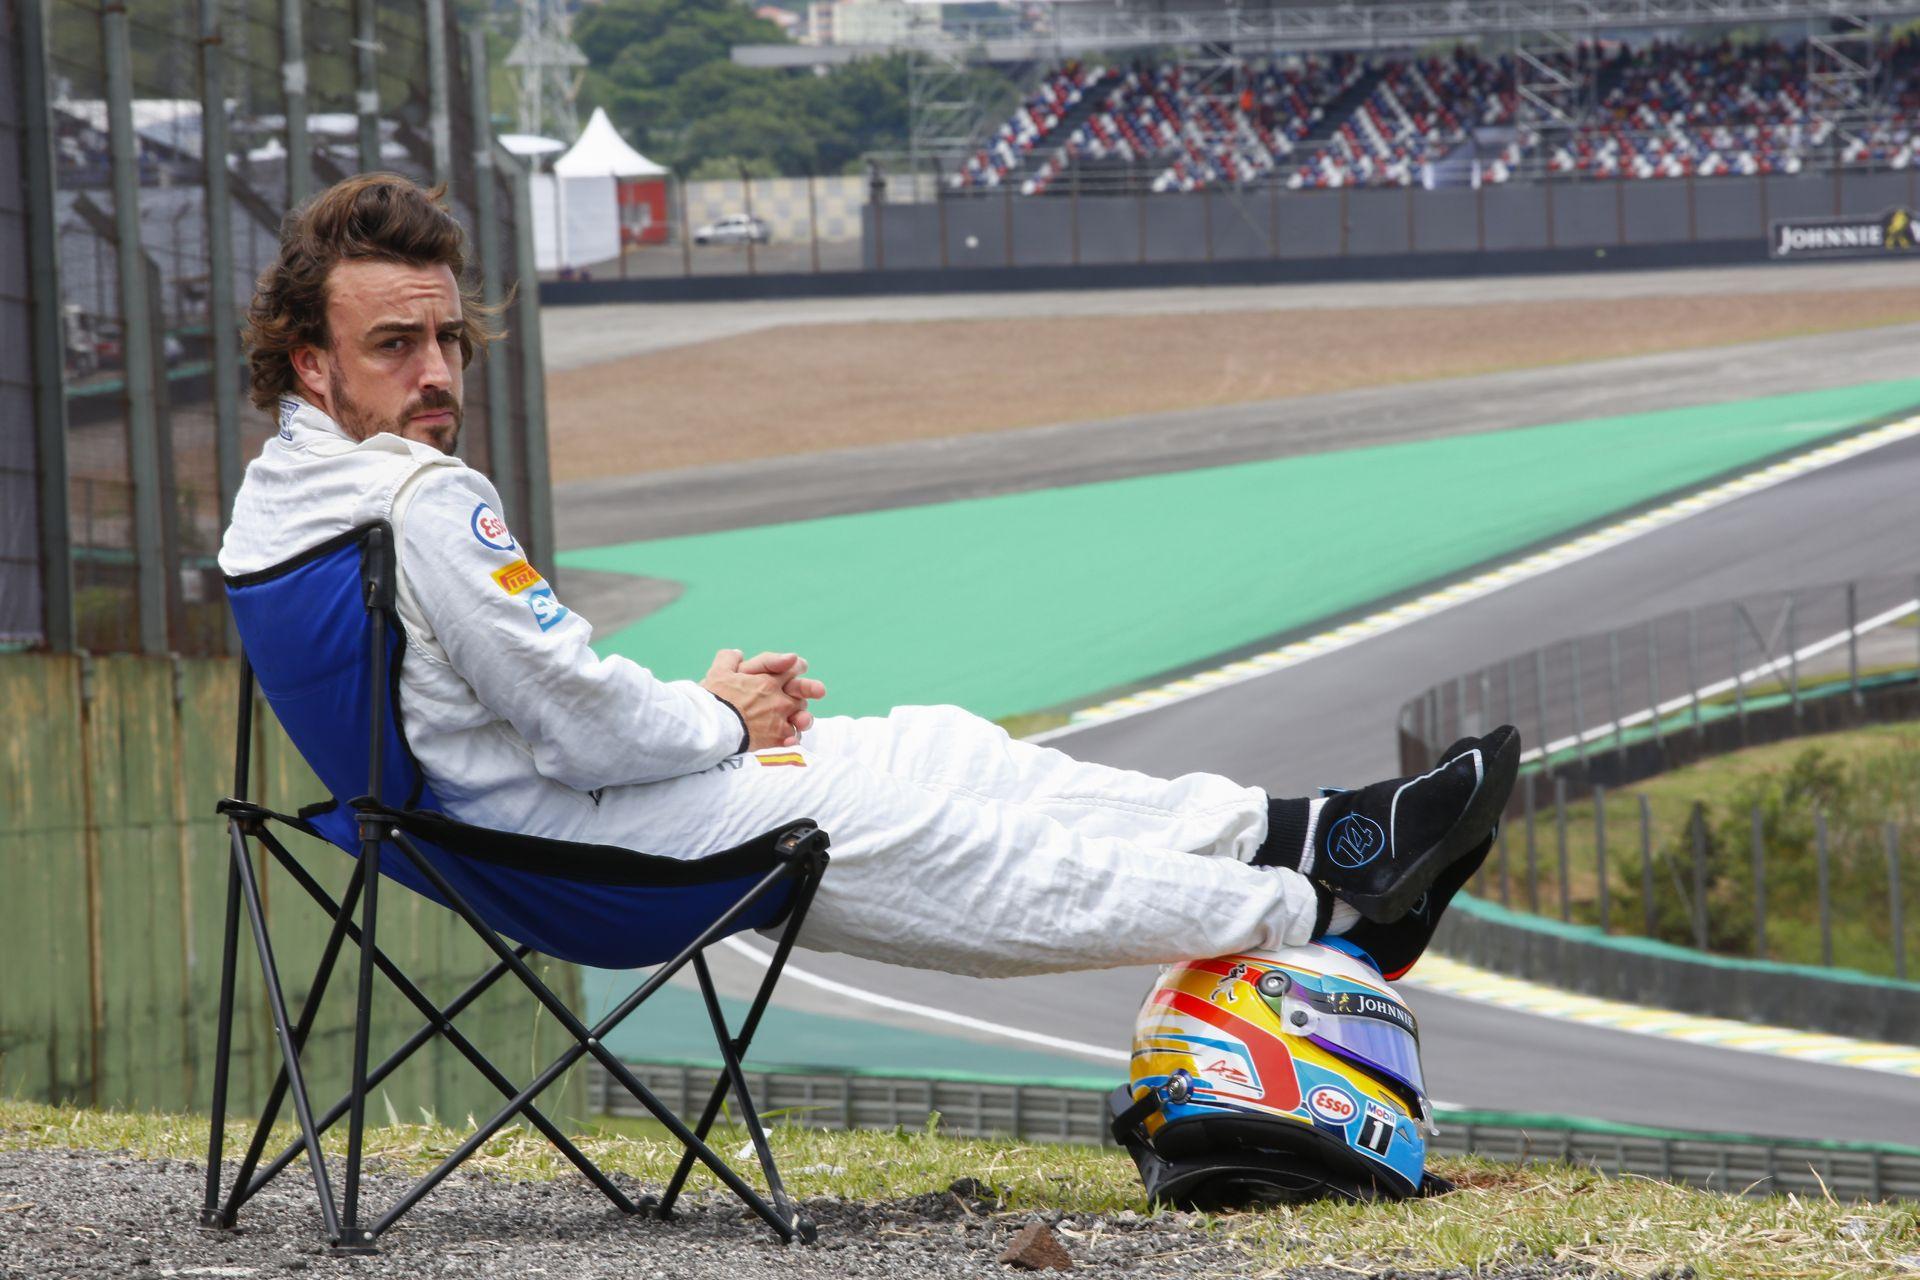 Alonso évi 80 millió eurós fizetésért eltűrne még egy gyenge évet a McLarennél?